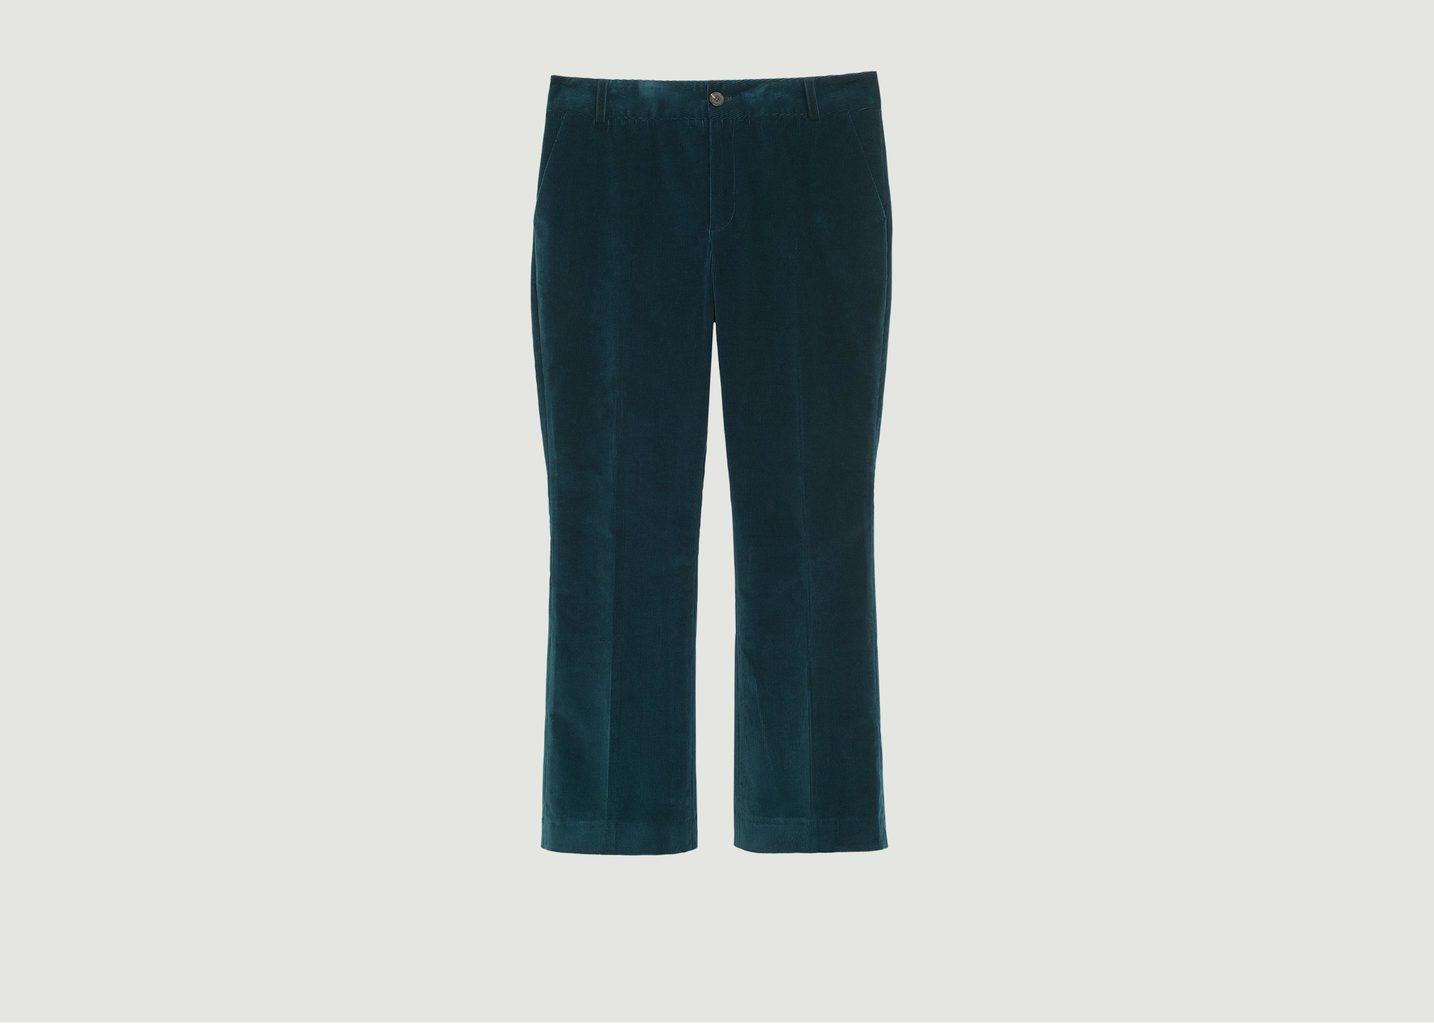 Pantalon Flare 7/8e En Velours Edgar - Soeur